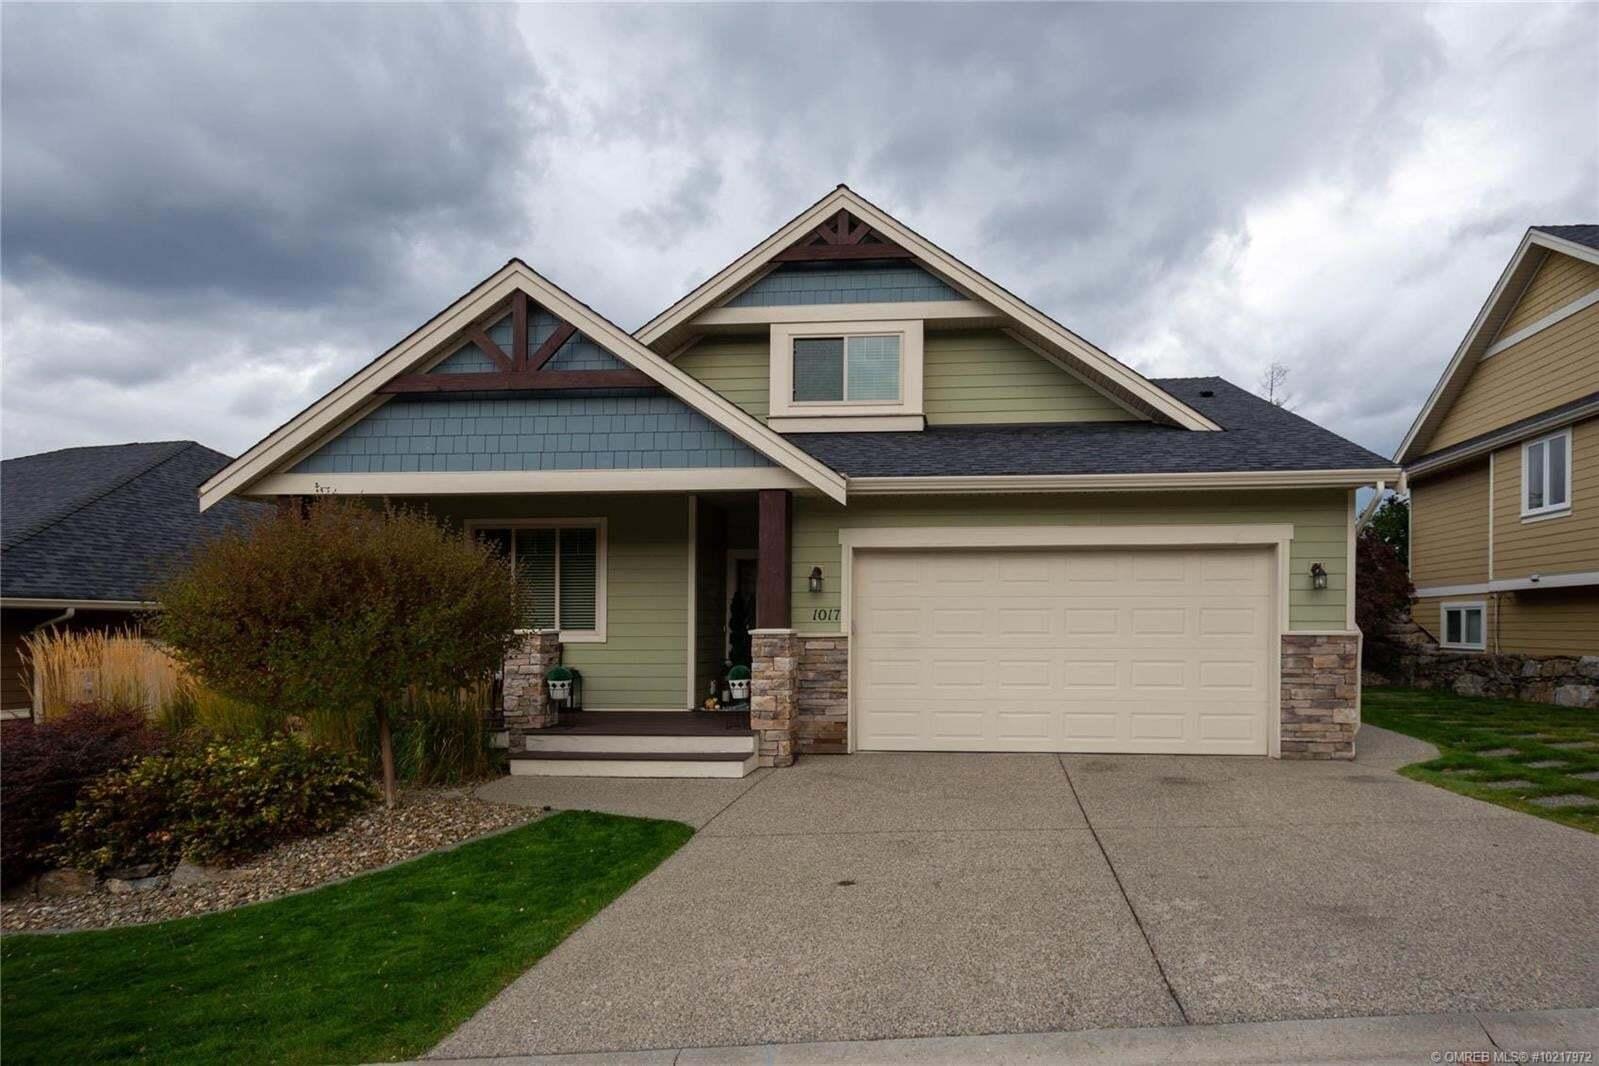 House for sale at 1017 Long Ridge Dr Kelowna British Columbia - MLS: 10217972